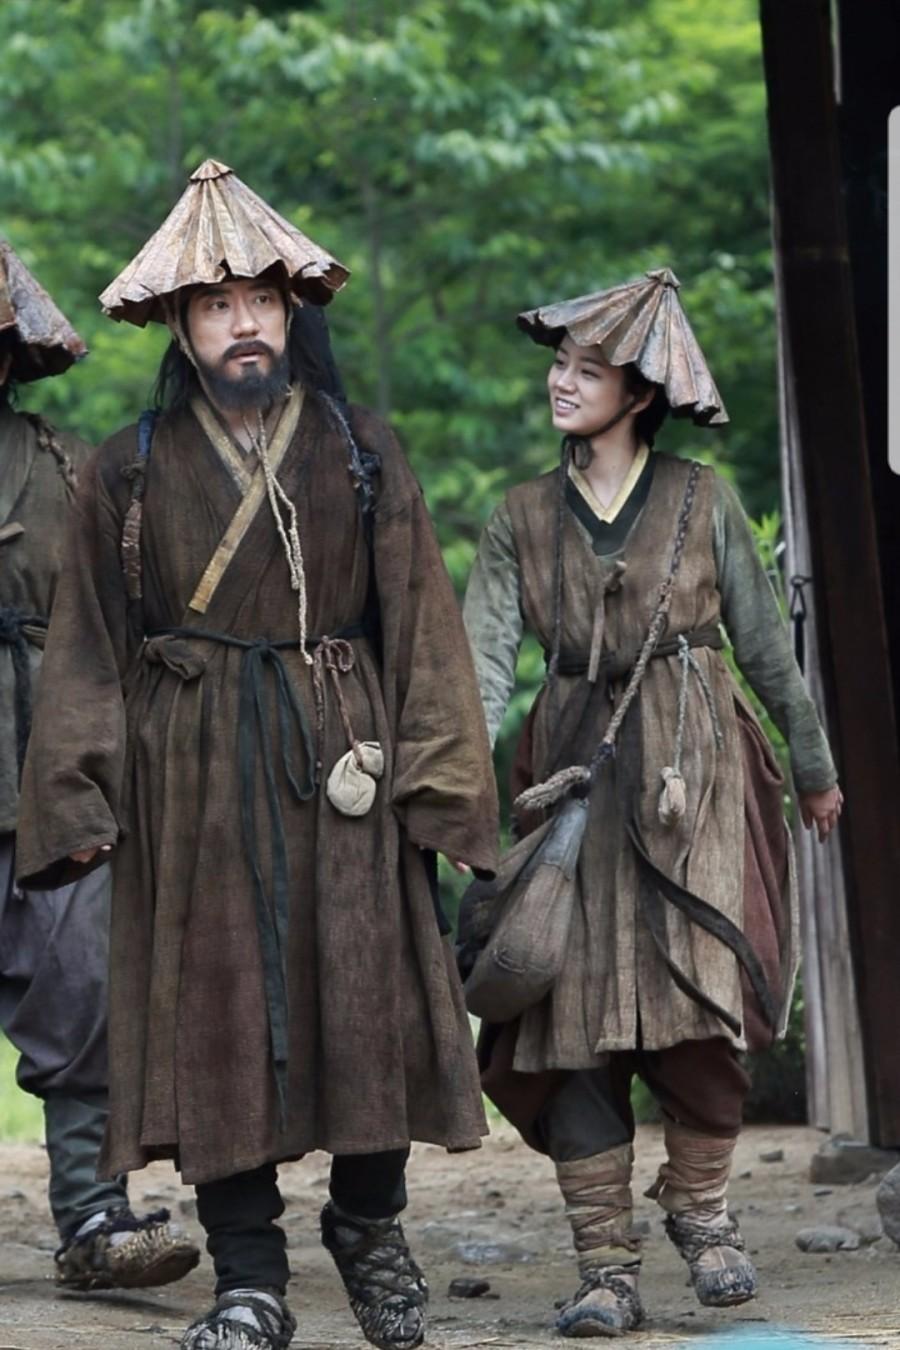 金明民(左)飾演將軍尹謙,因大膽的諫言差點被殺,帶着瘟疫遺孤尹明,還鄉過着平凡的生活,最終因怪獸的出現而出山。